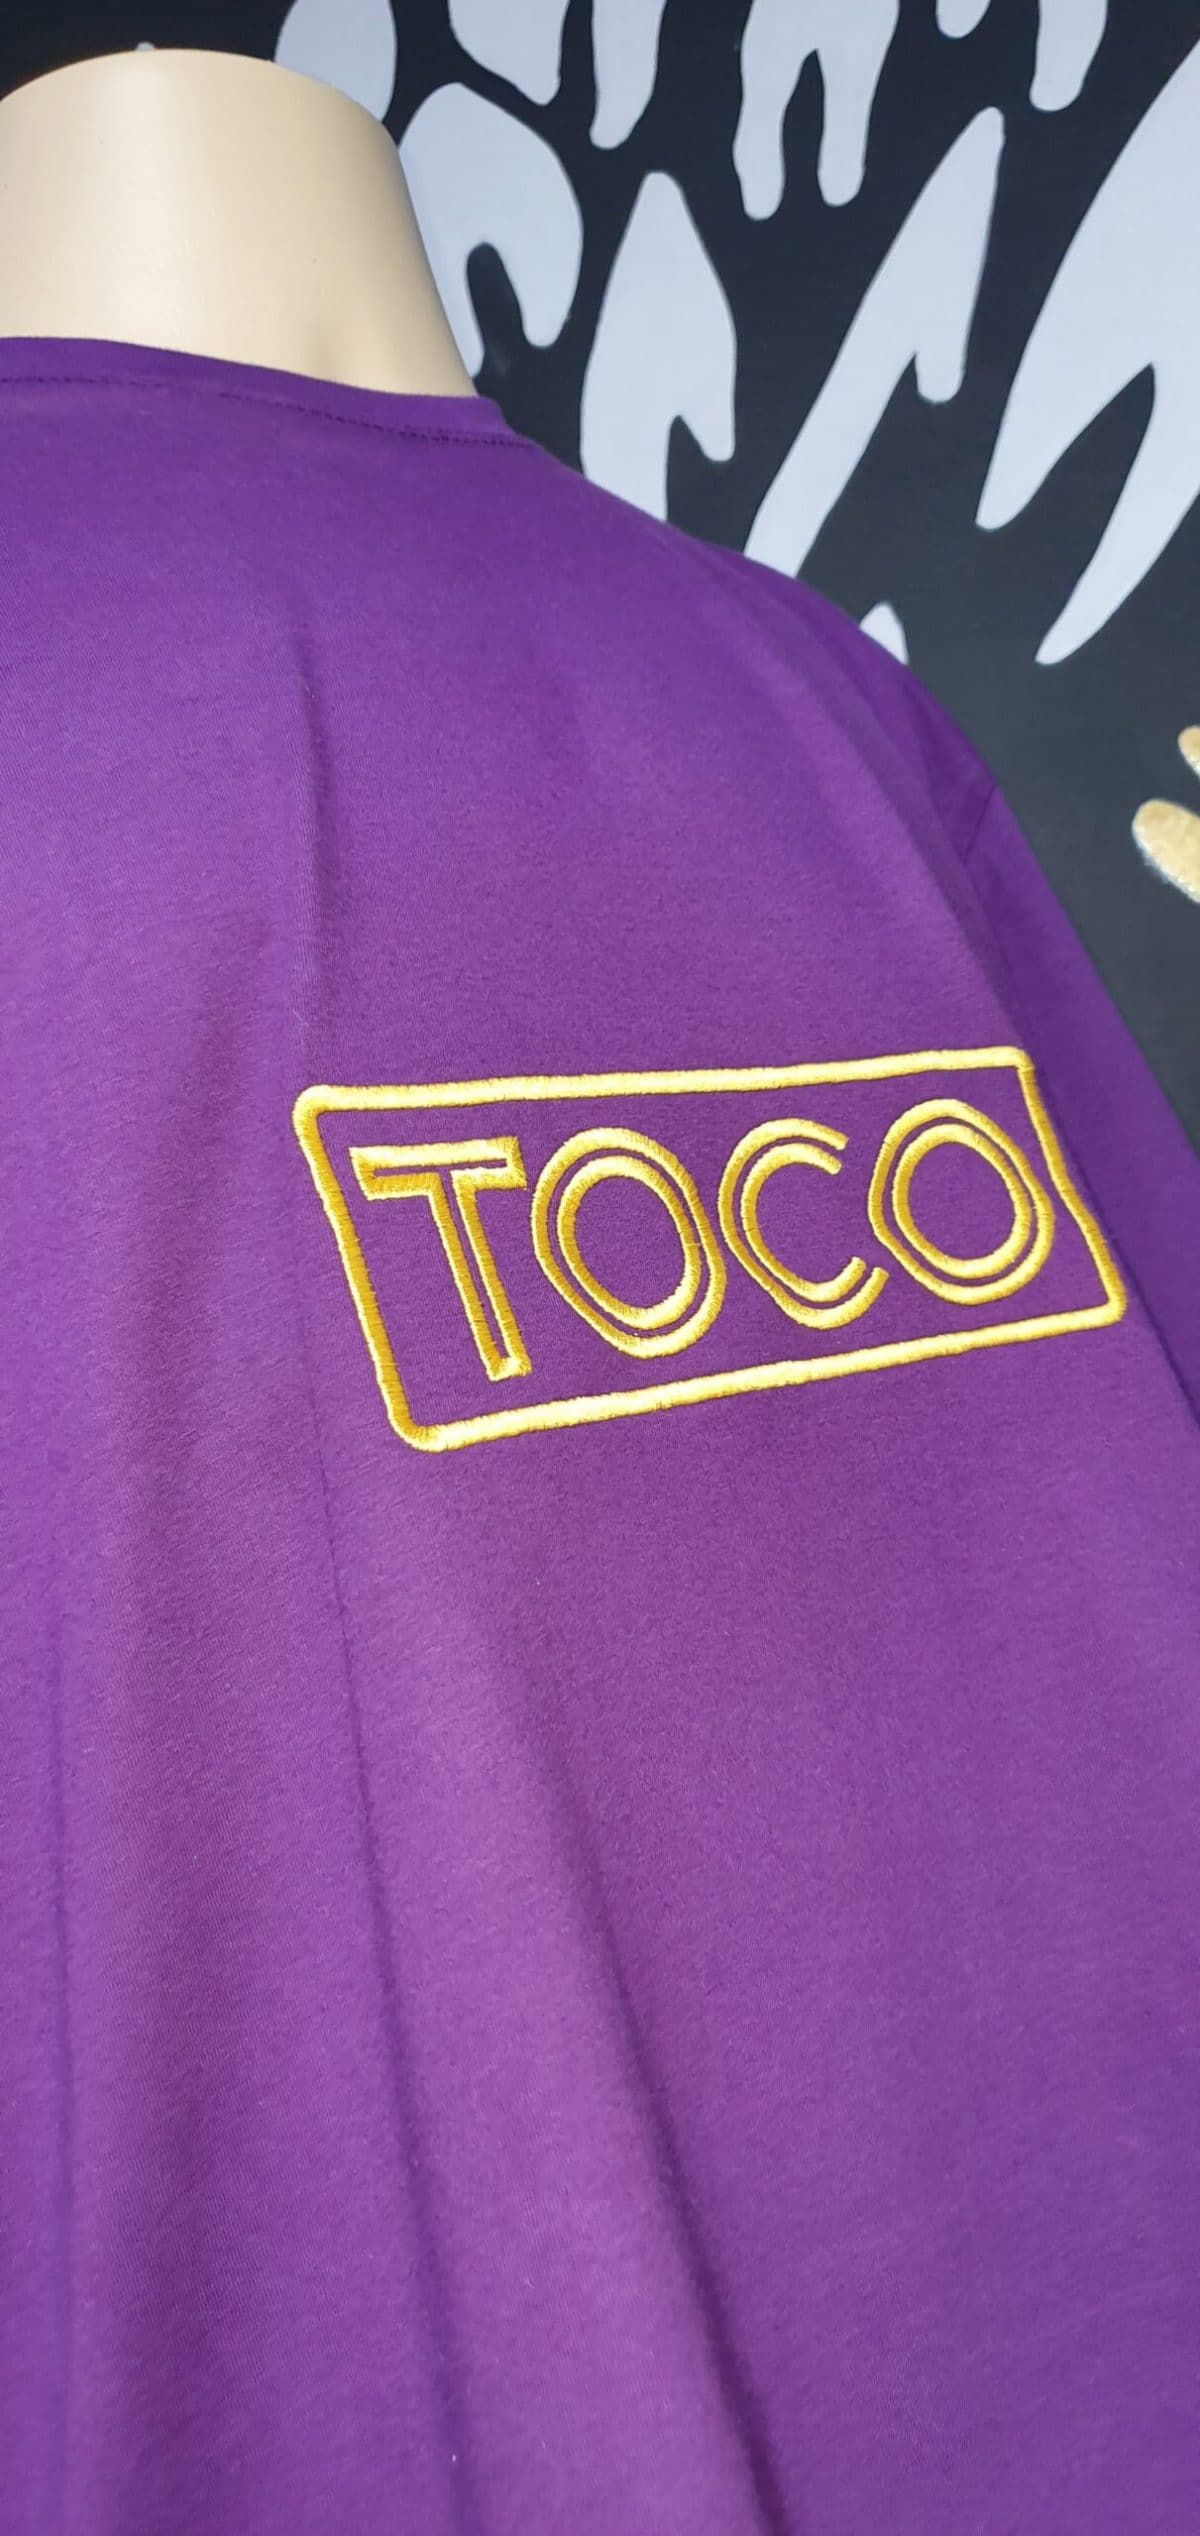 Camiseta Bordada da Danceteria TOCO by Bordado & Cia - @bordado.cia; @dj.vadao; @tocodance; #danceteriatoco